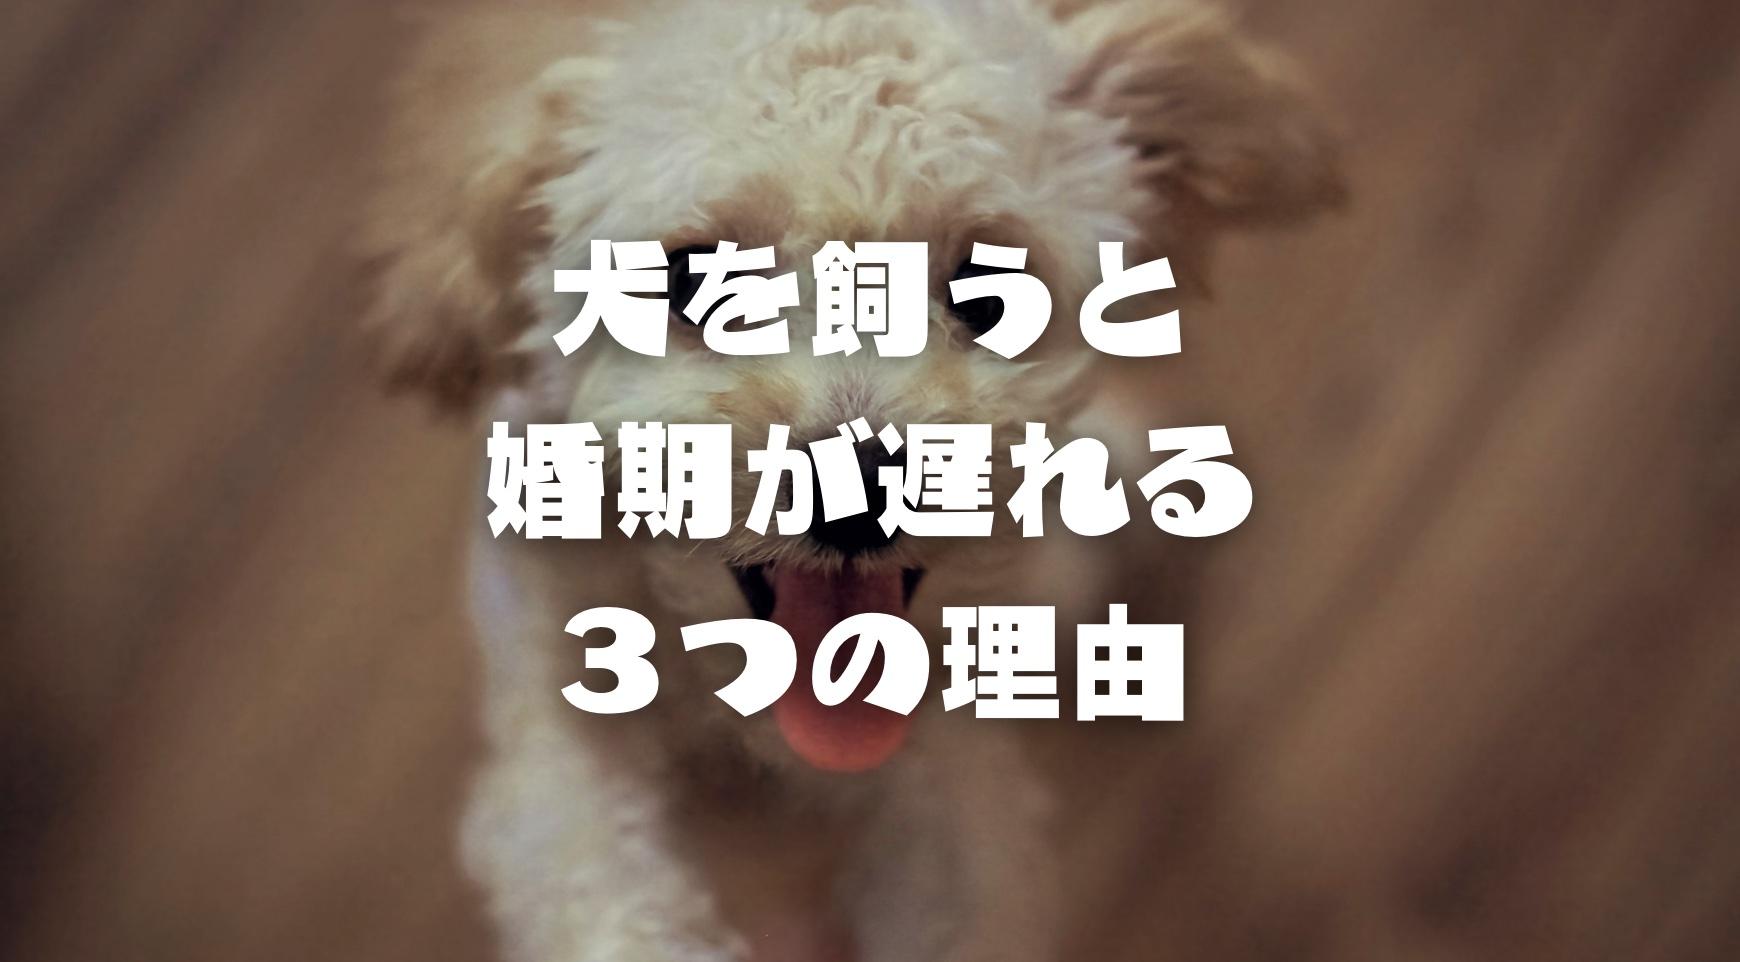 婚活女子必見|犬を飼うと婚期が遅れる3つの理由